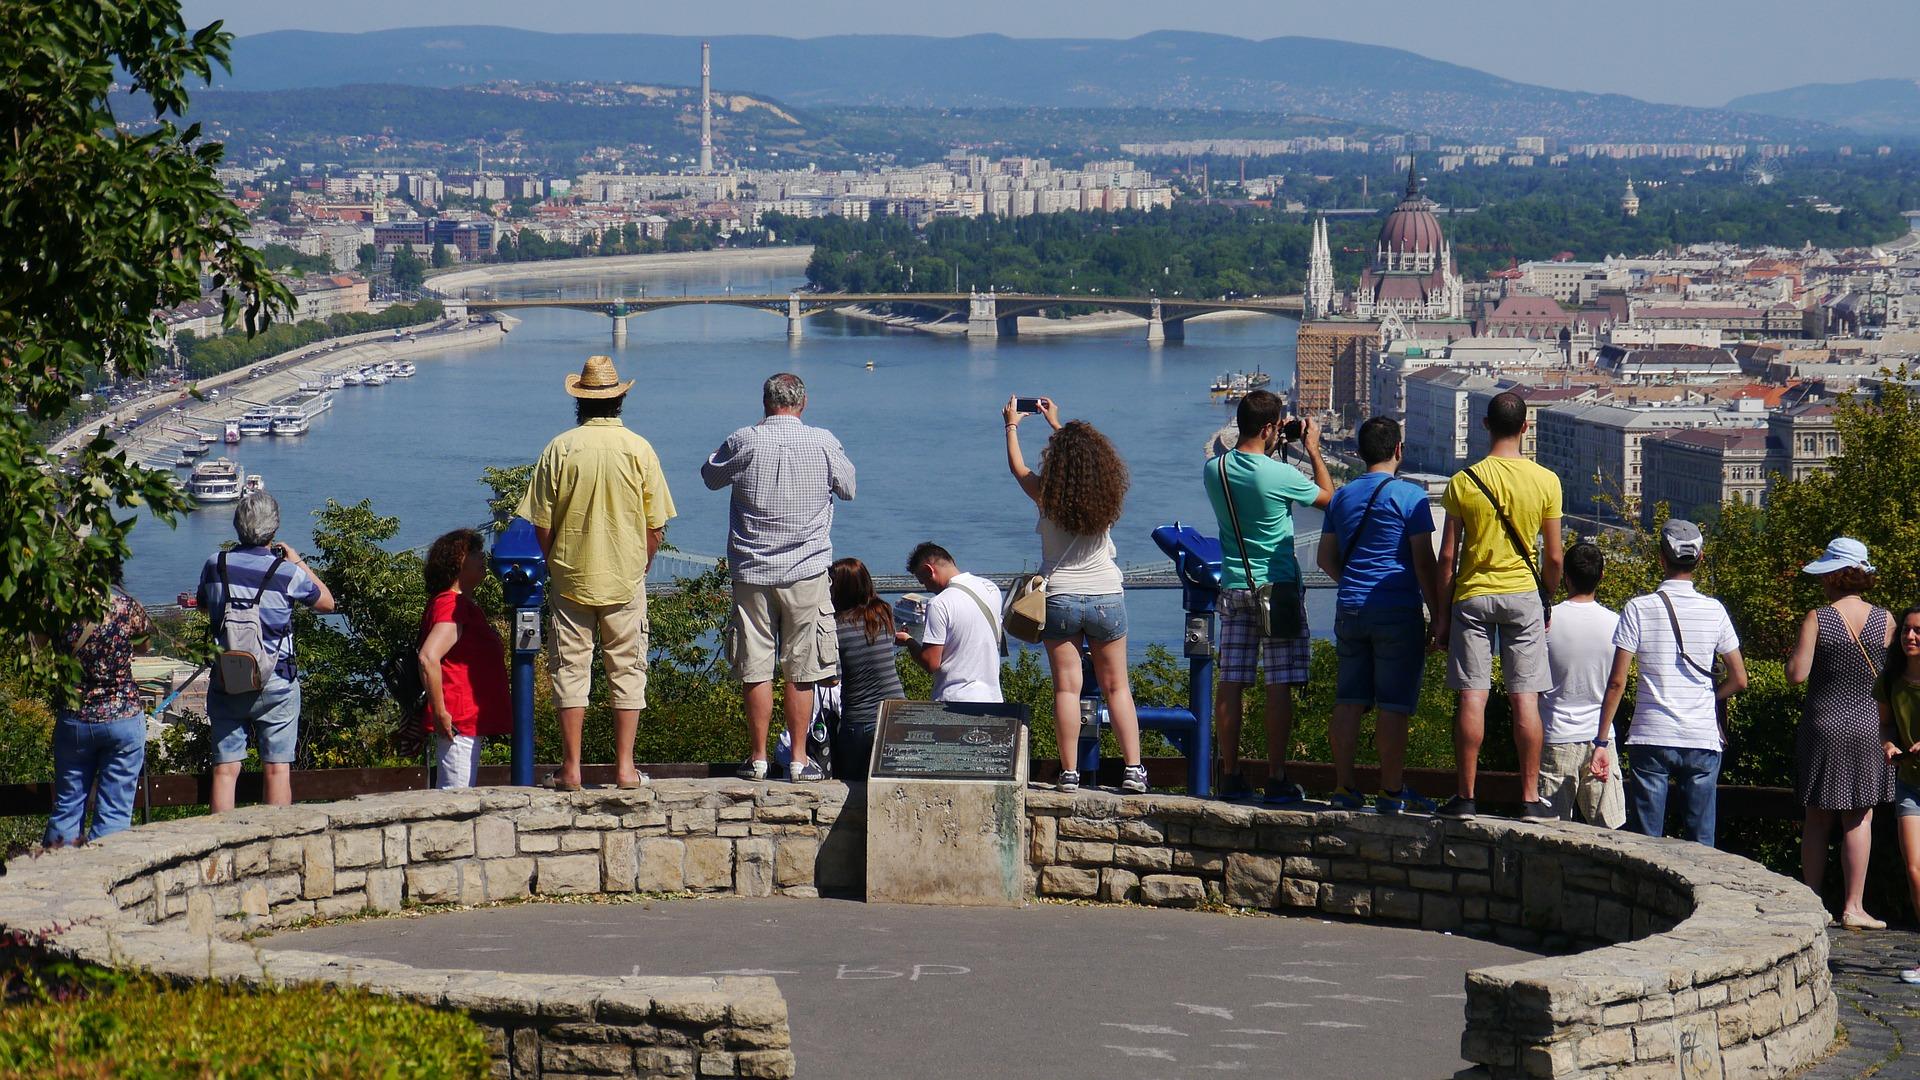 Tourismus in Ungarn: Ausländer gaben 2020 um 1 Billion Forint weniger aus